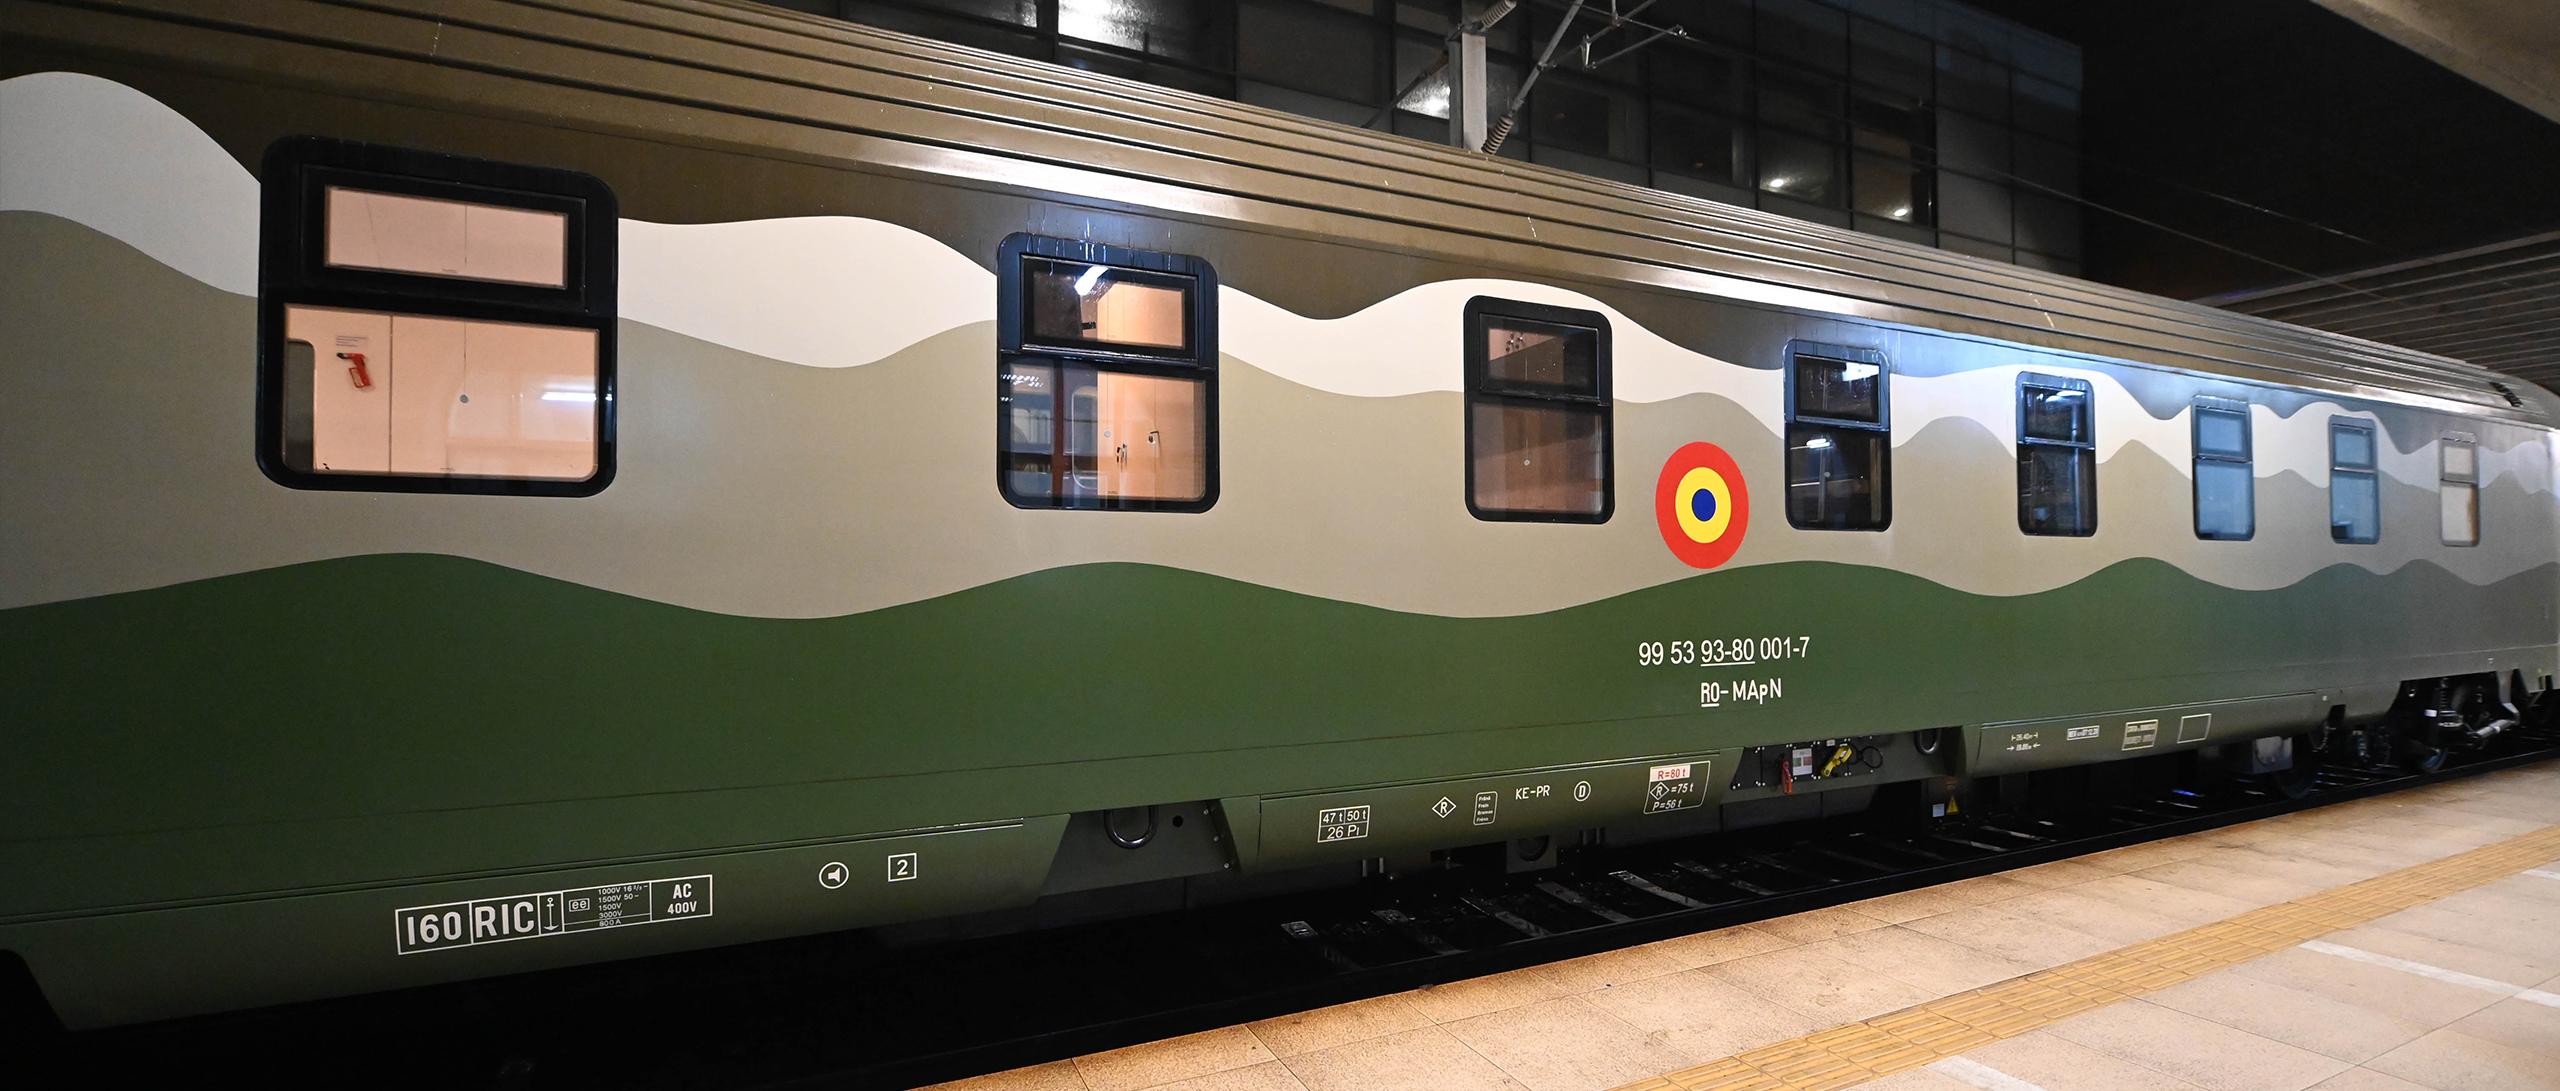 interior-6-scale24 Vag.AVA 200 M-apn